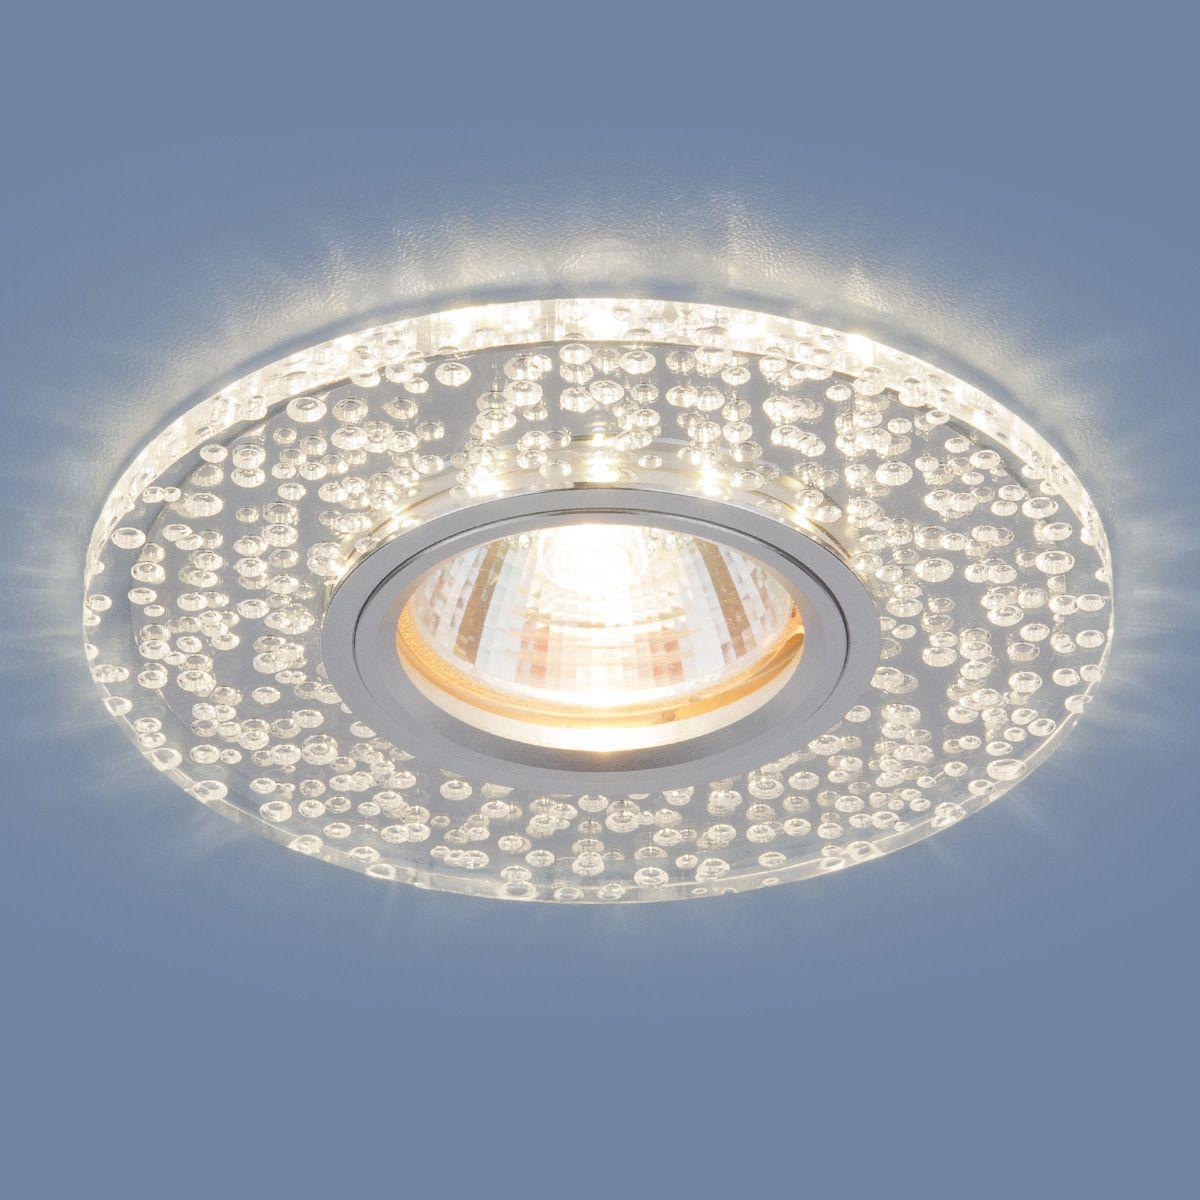 Точечный светильник с LED подсветкой 2199 MR16 CL зеркальный/прозрачный